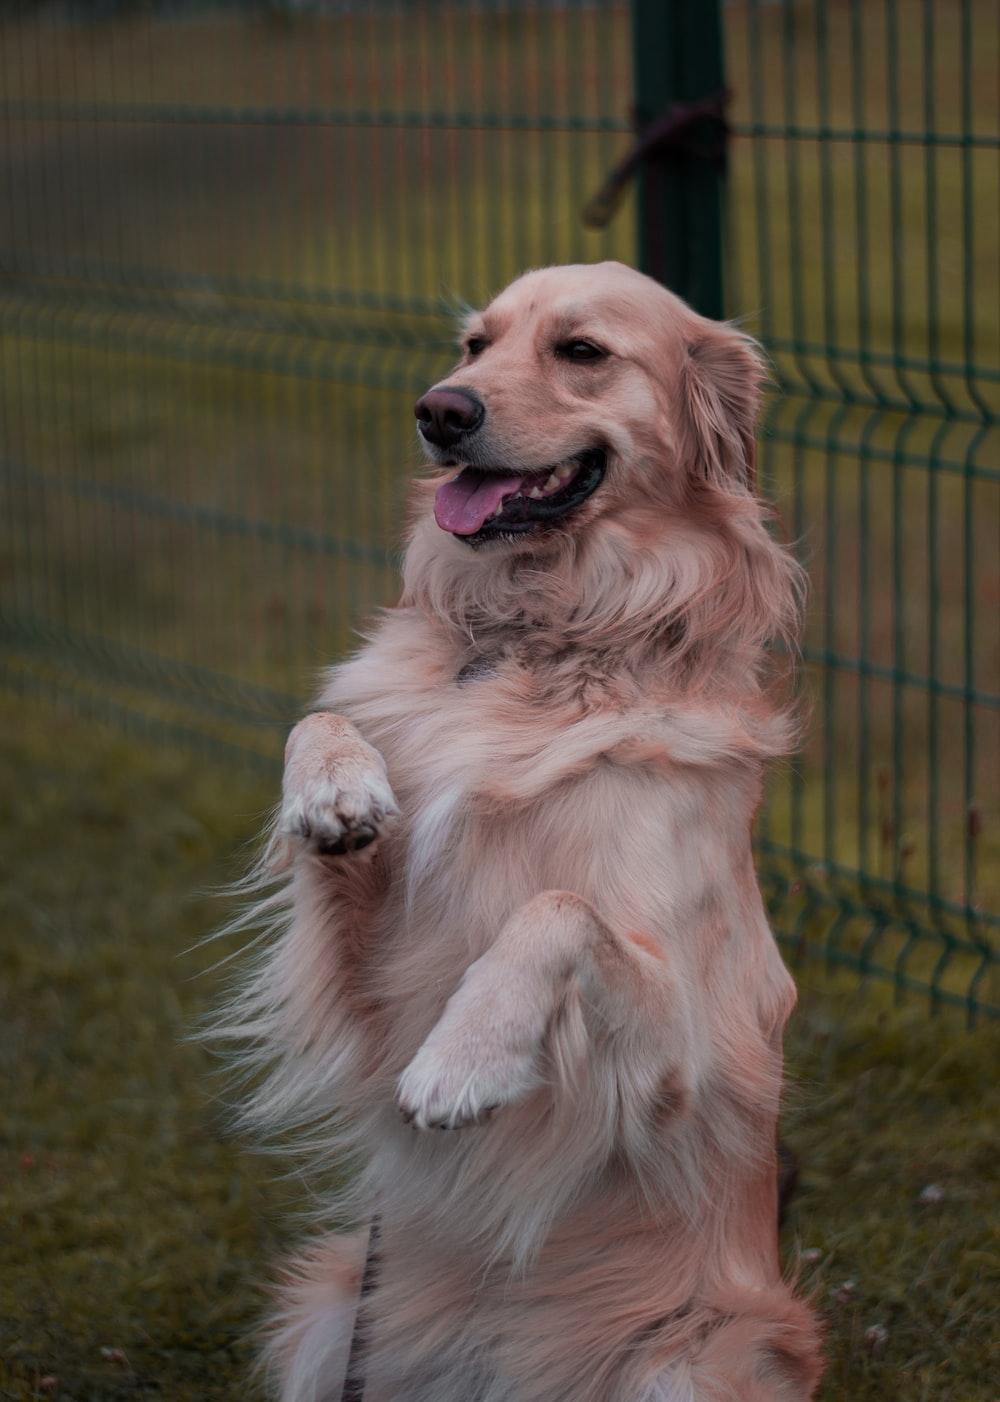 fawn dog near fence